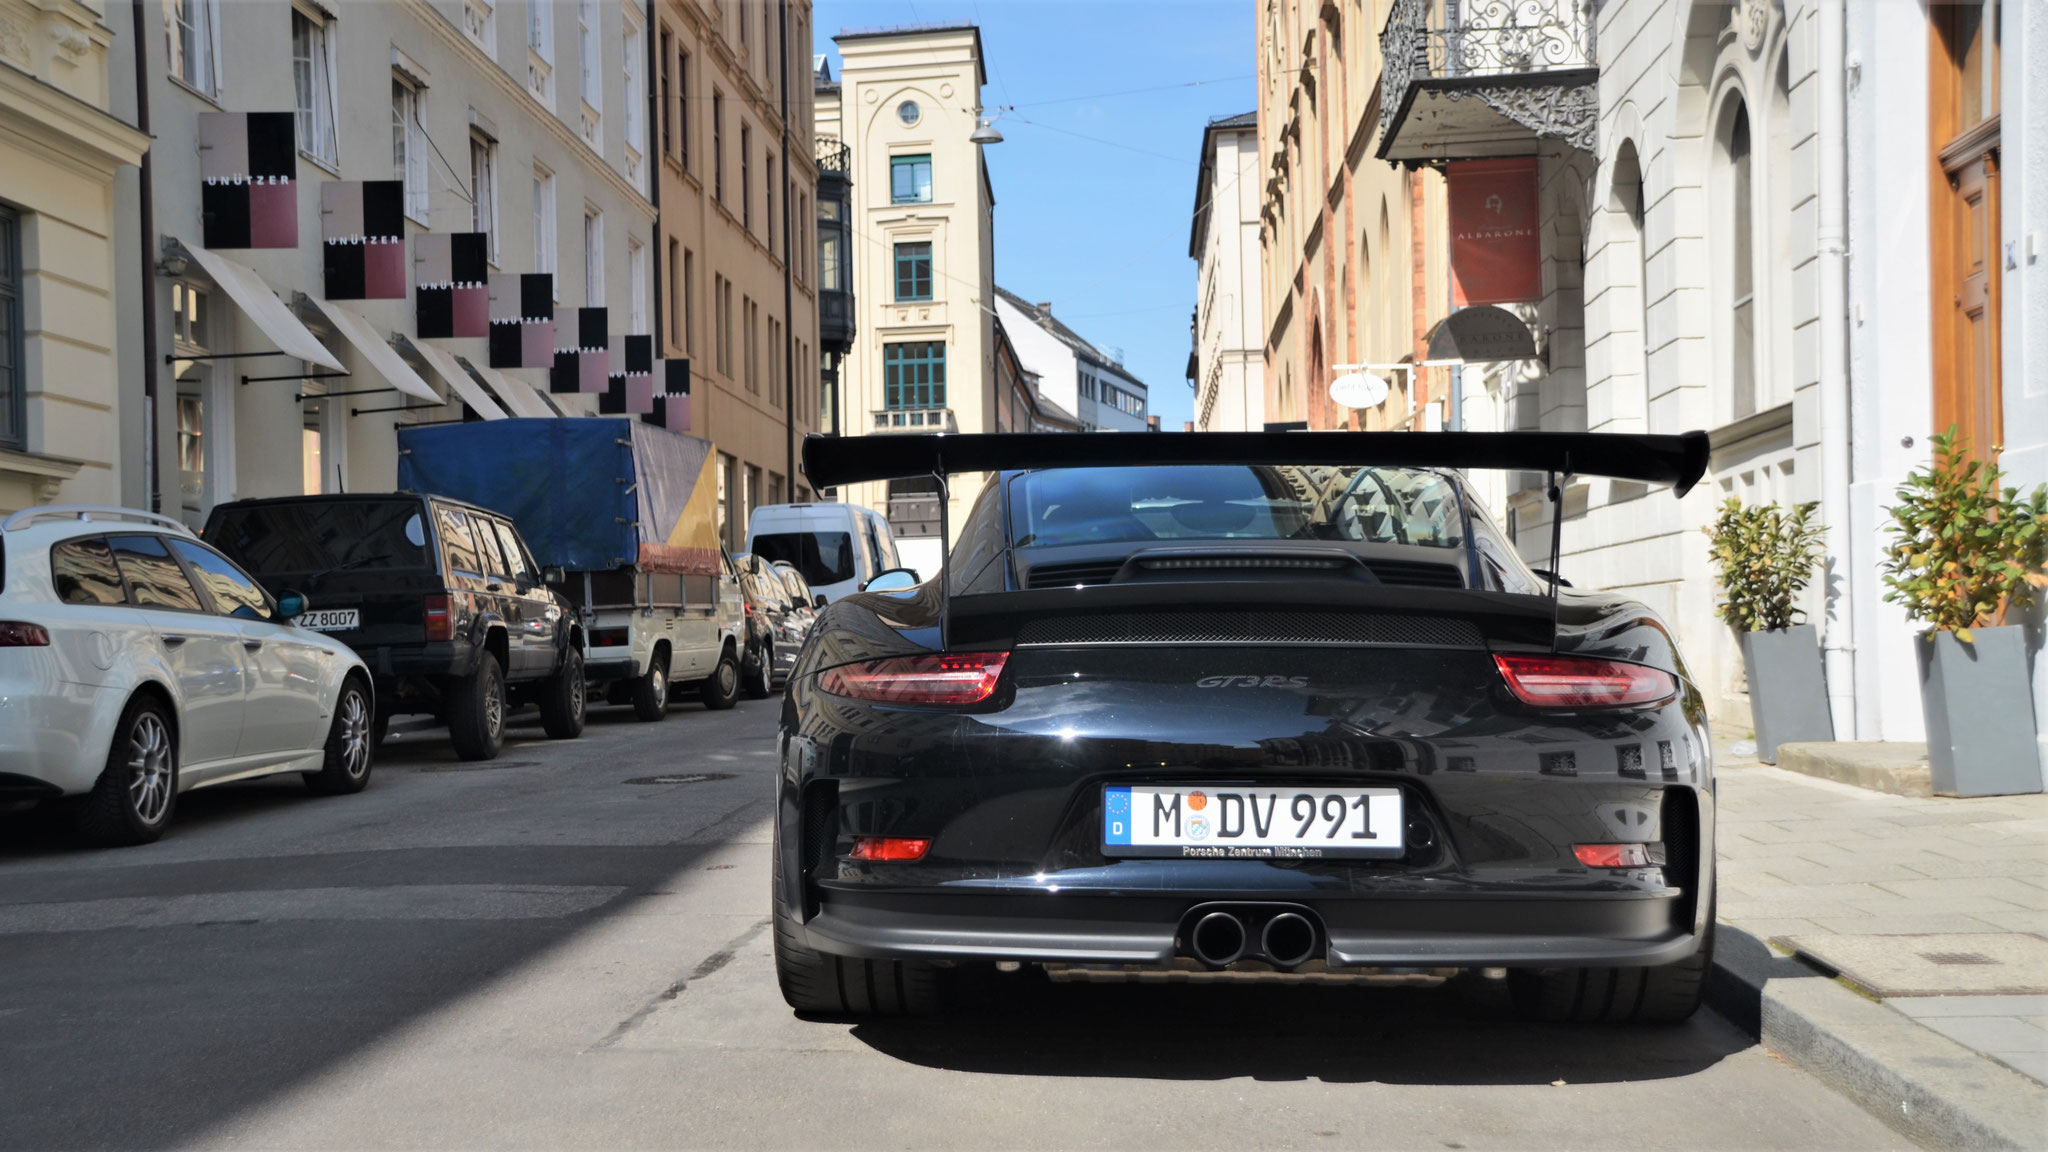 Porsche 911 GT3 RS - M-DV-991